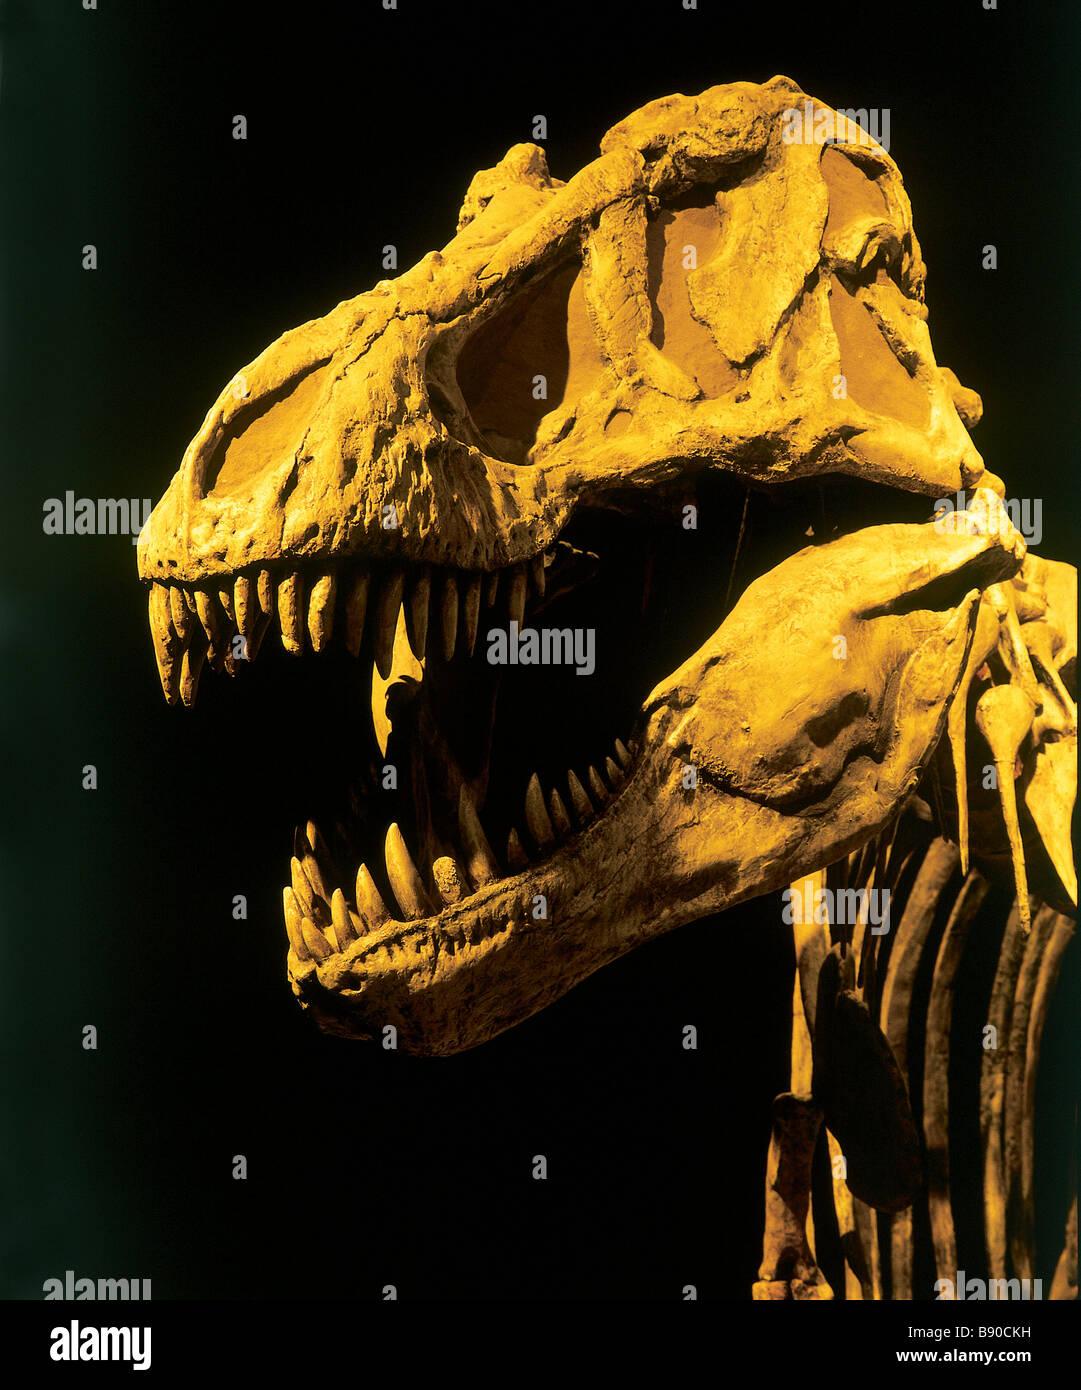 FL1164, D Wiggett; Dinosaur Skeleton - Stock Image